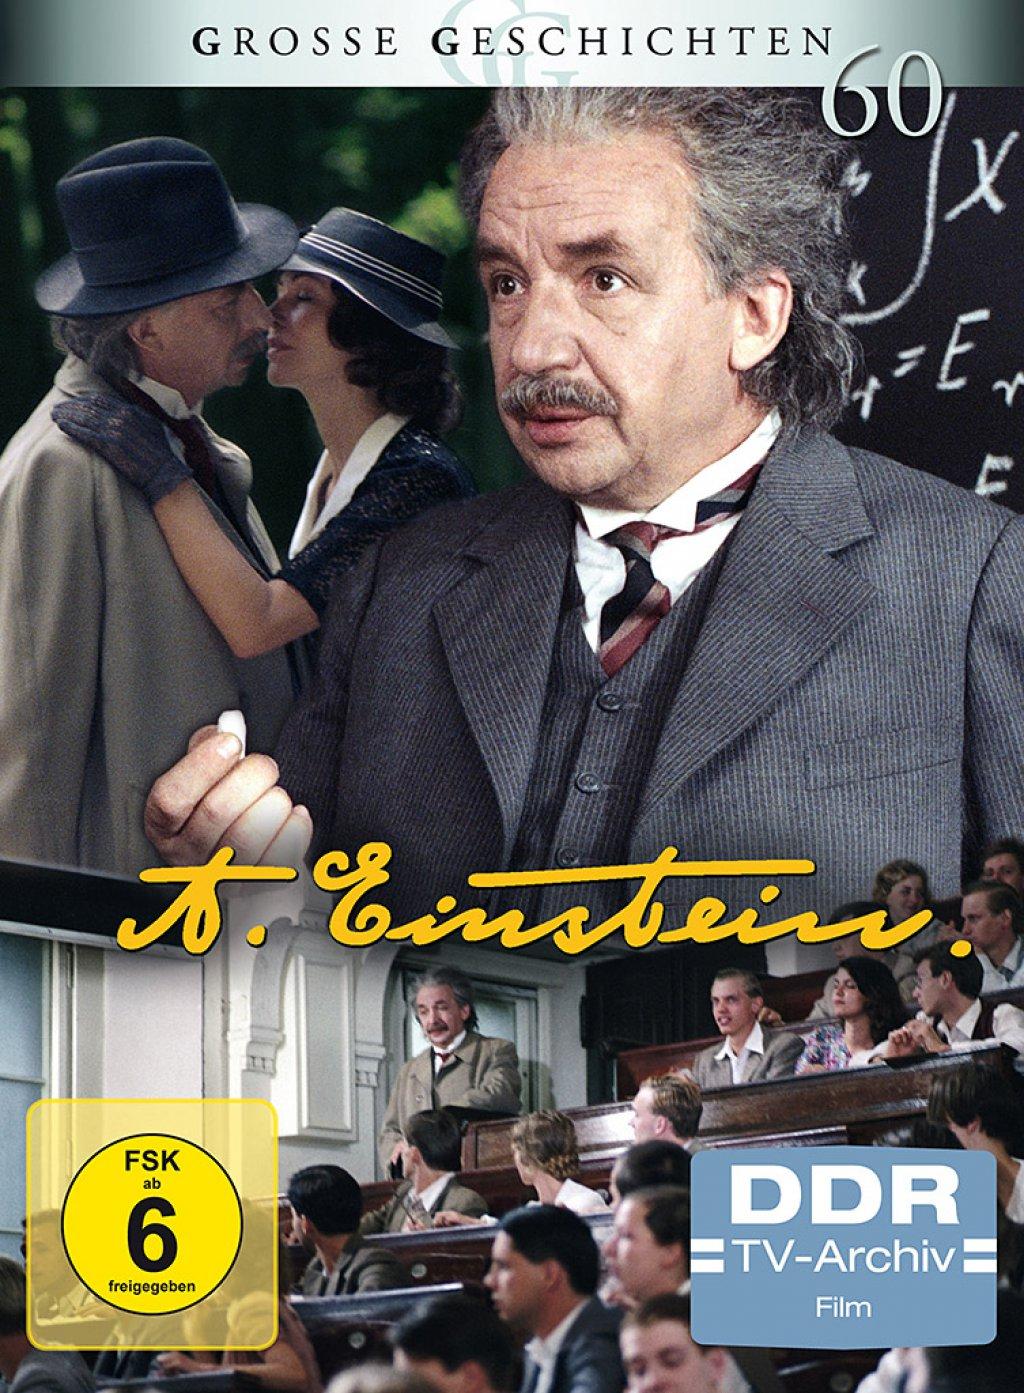 Albert Einstein - Grosse Geschichten 60 (DVD)